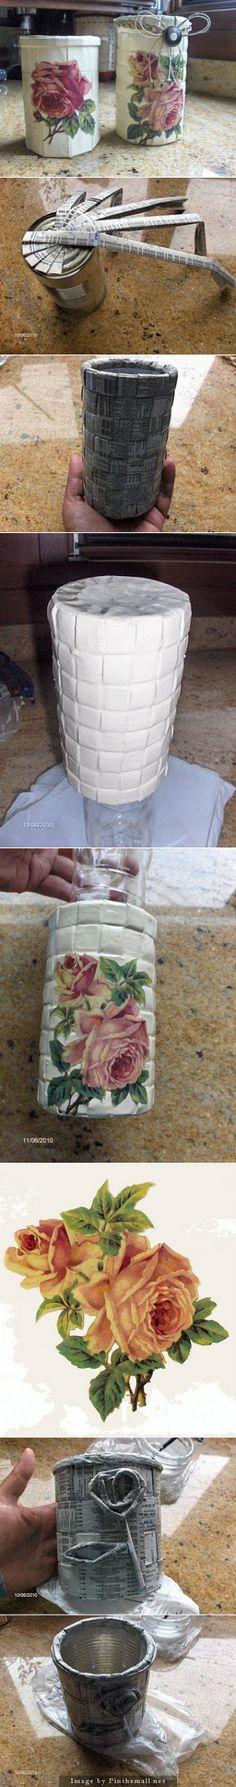 cestería con lata - created via http://pinthemall.net